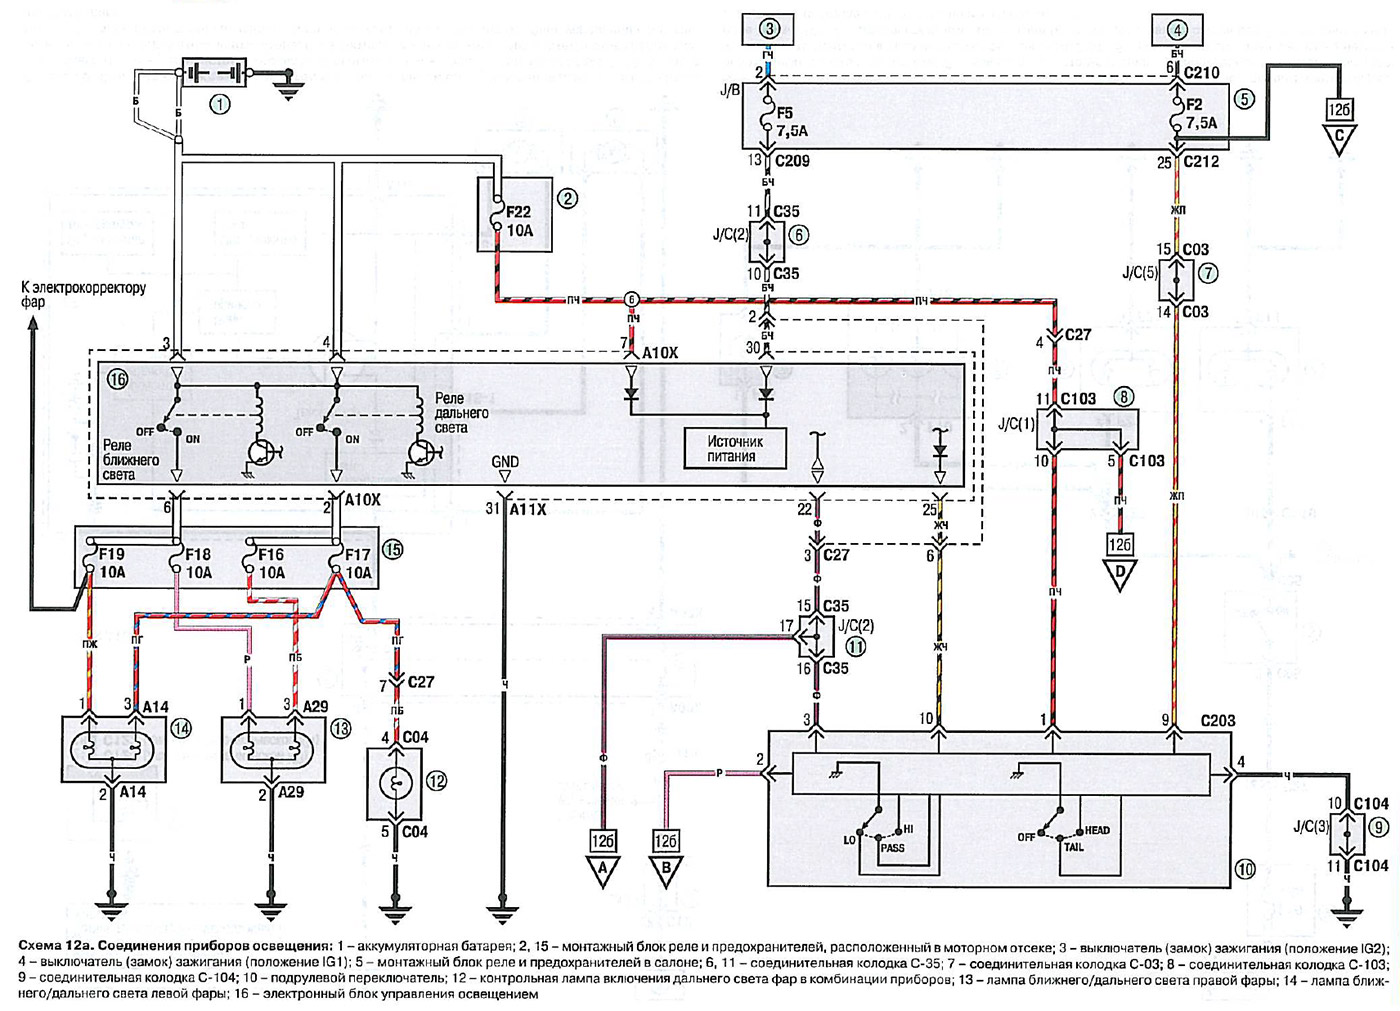 Схема штатной сигналки митсубиси аутлендер